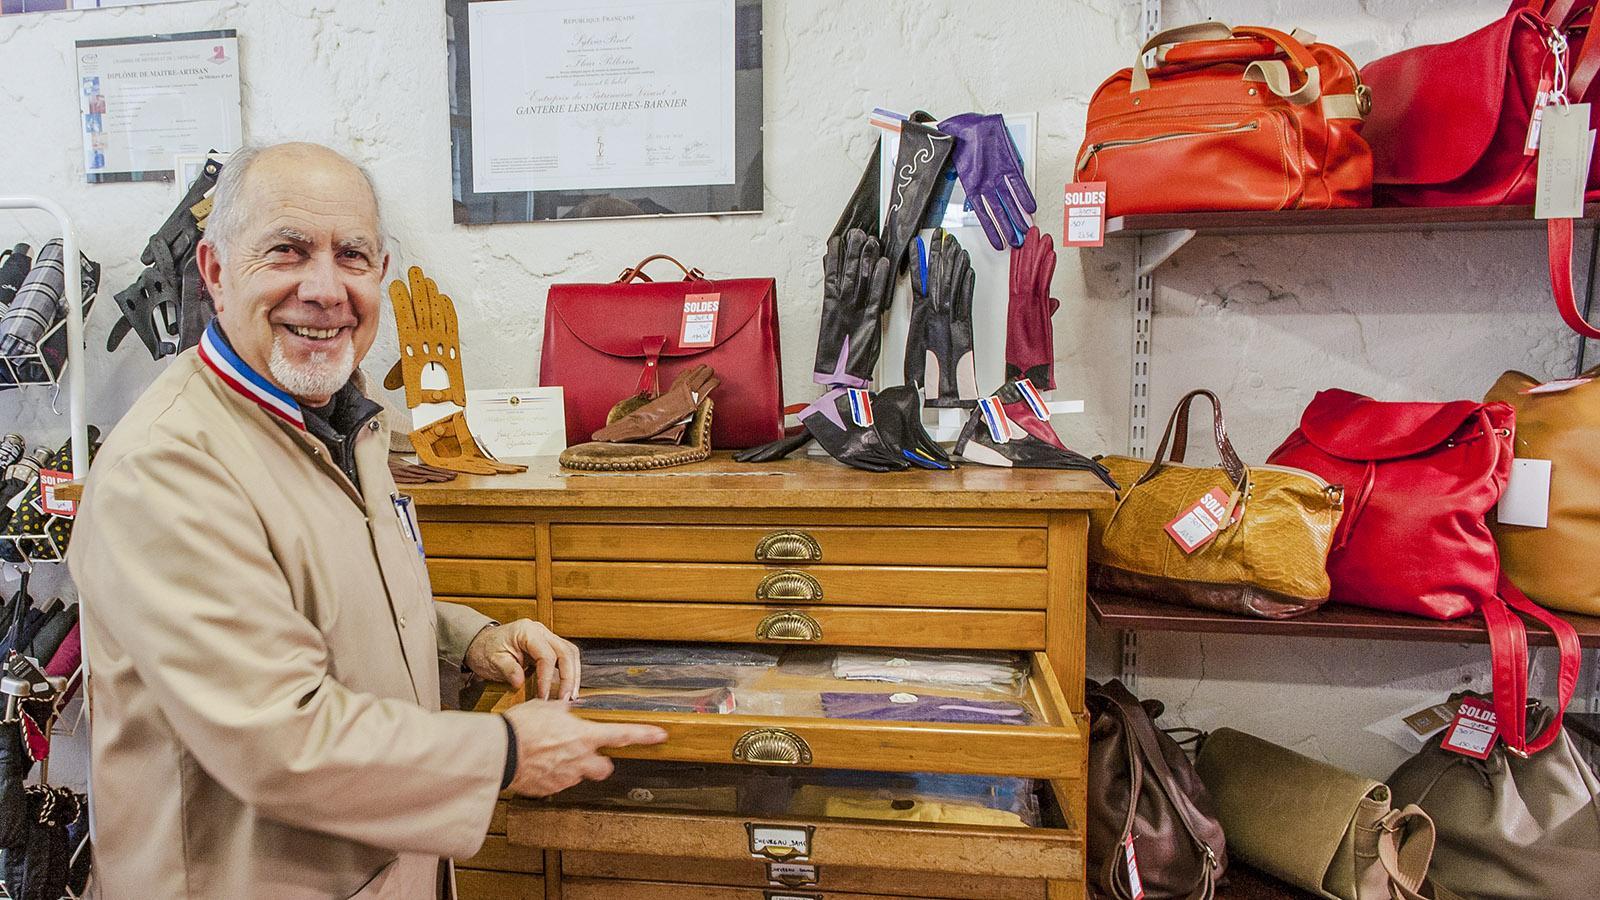 Jean Strazerri bewahrt in nostalgischen Holzschrank seine Handschuhe auf. Foto: Hilke Maunder